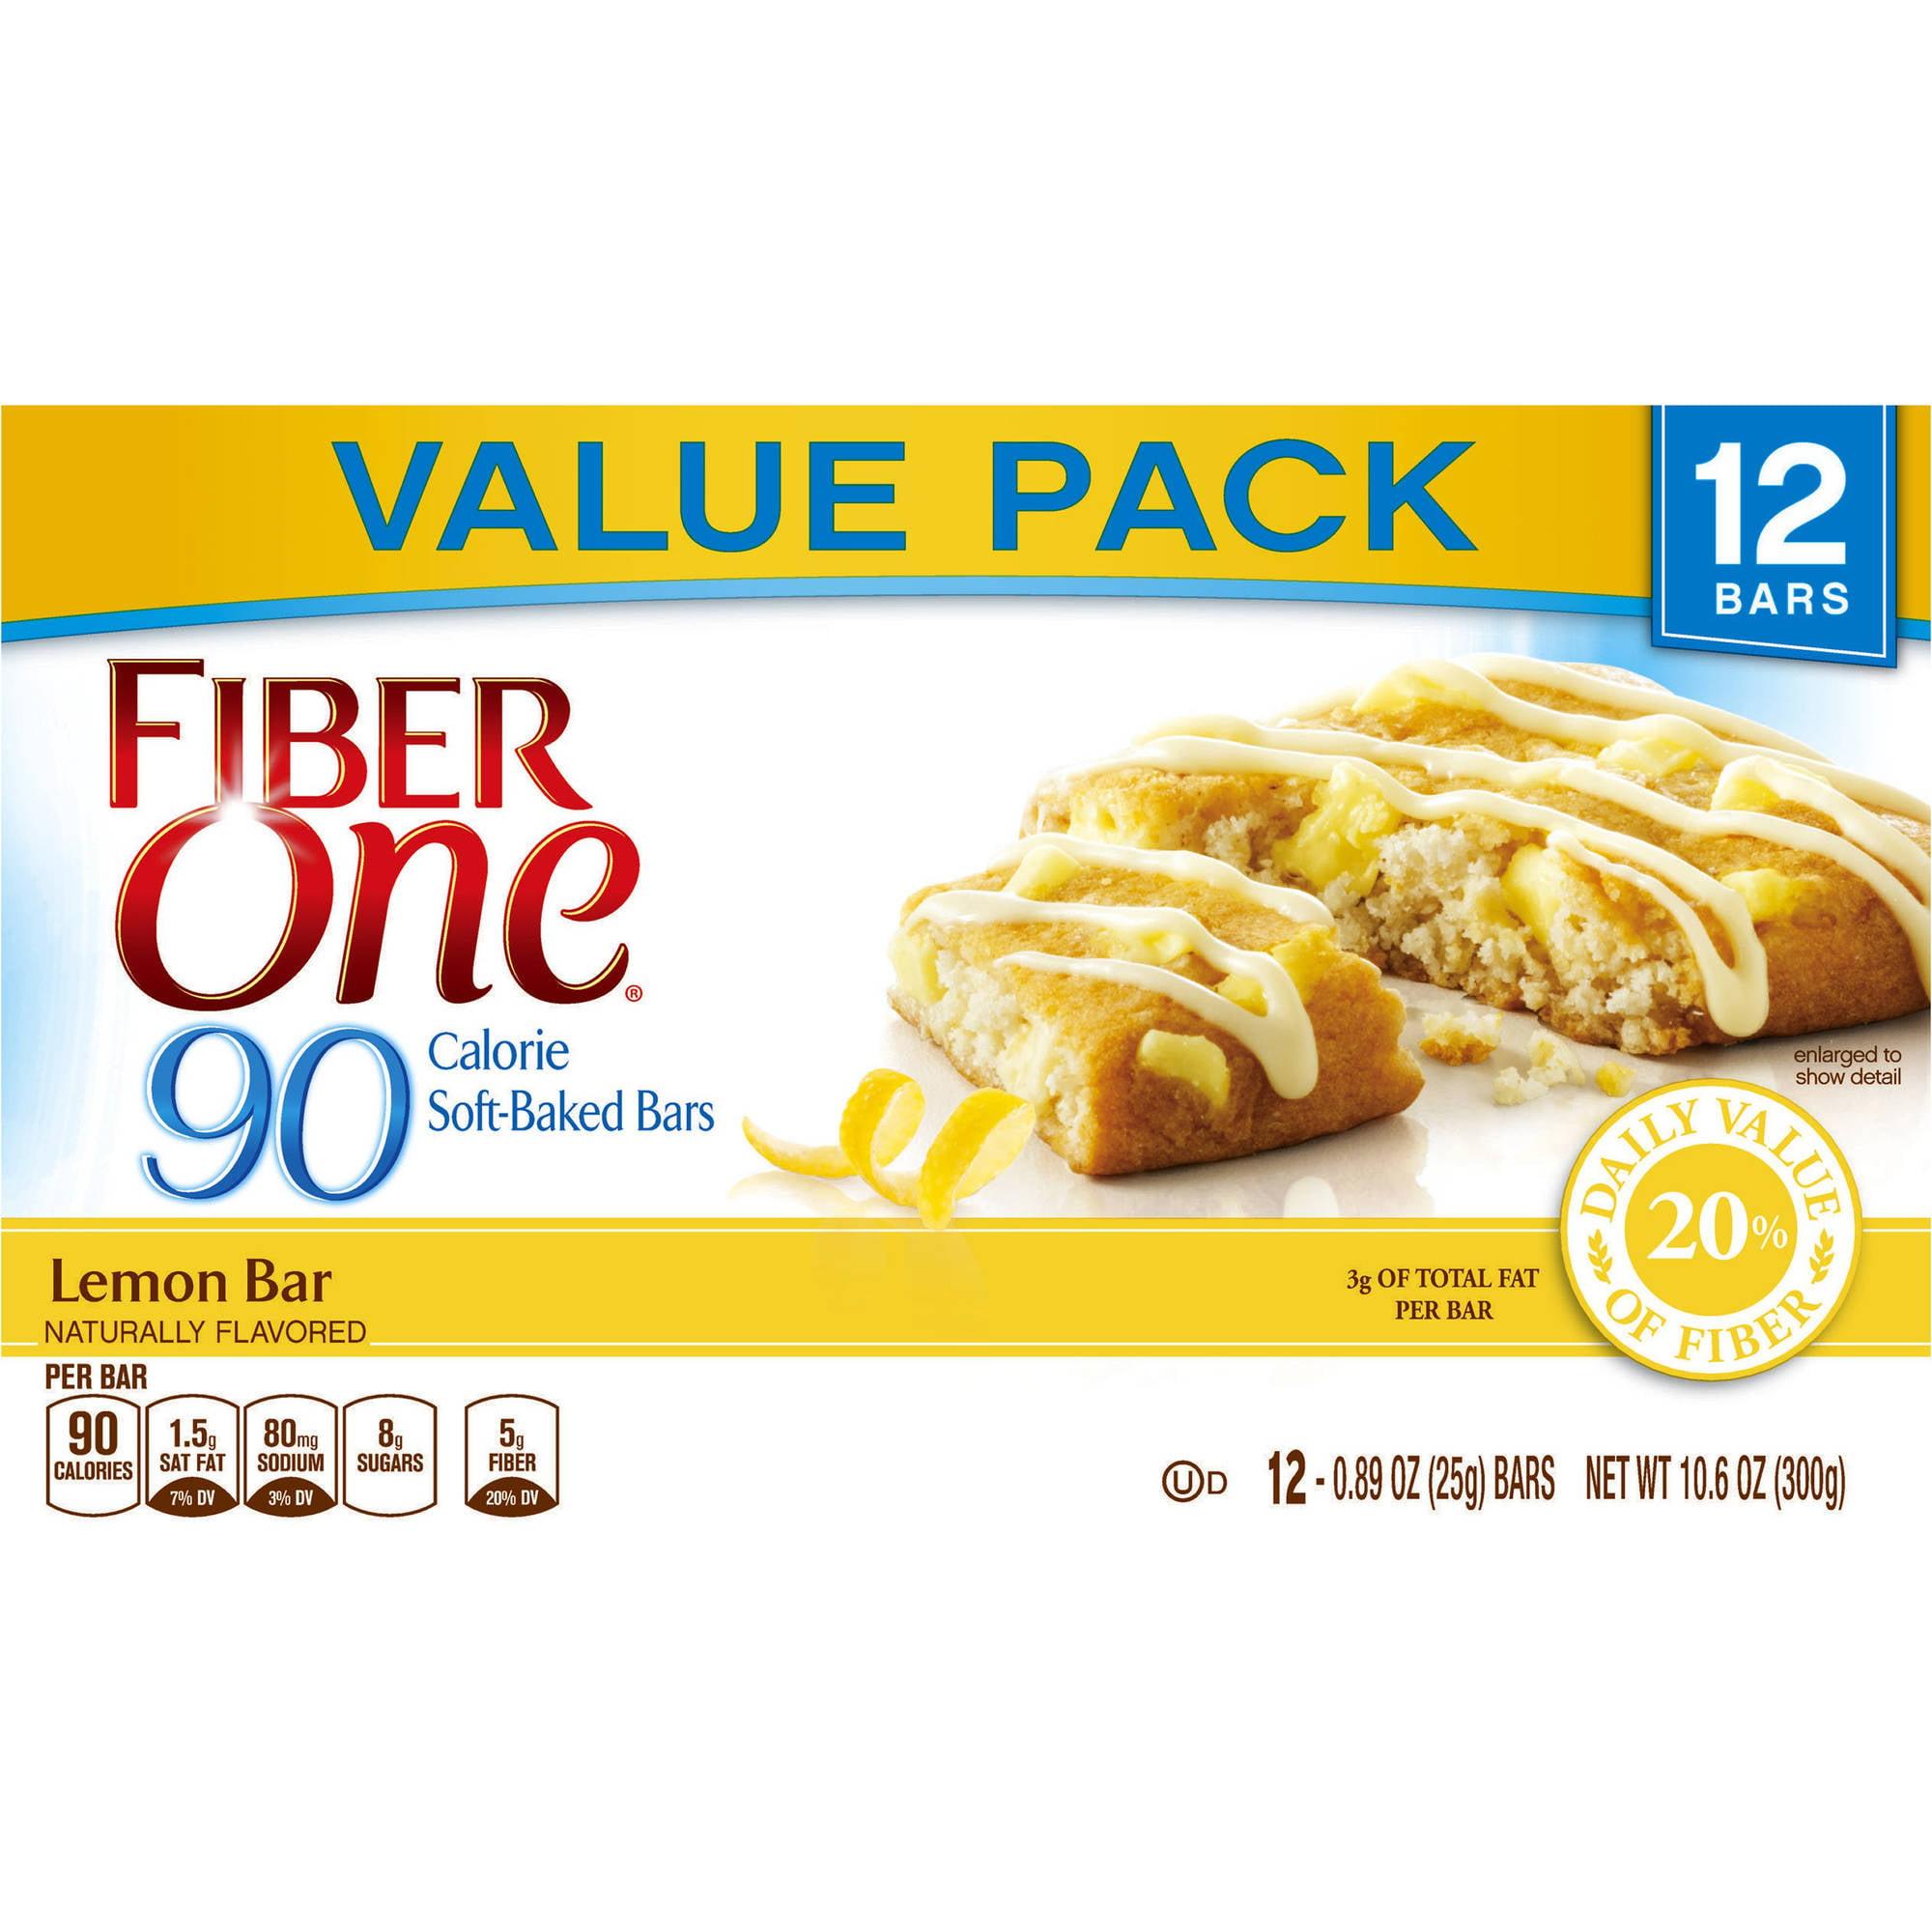 Fiber One 90 Calorie Lemon Bars, 0.89 oz, 12 count